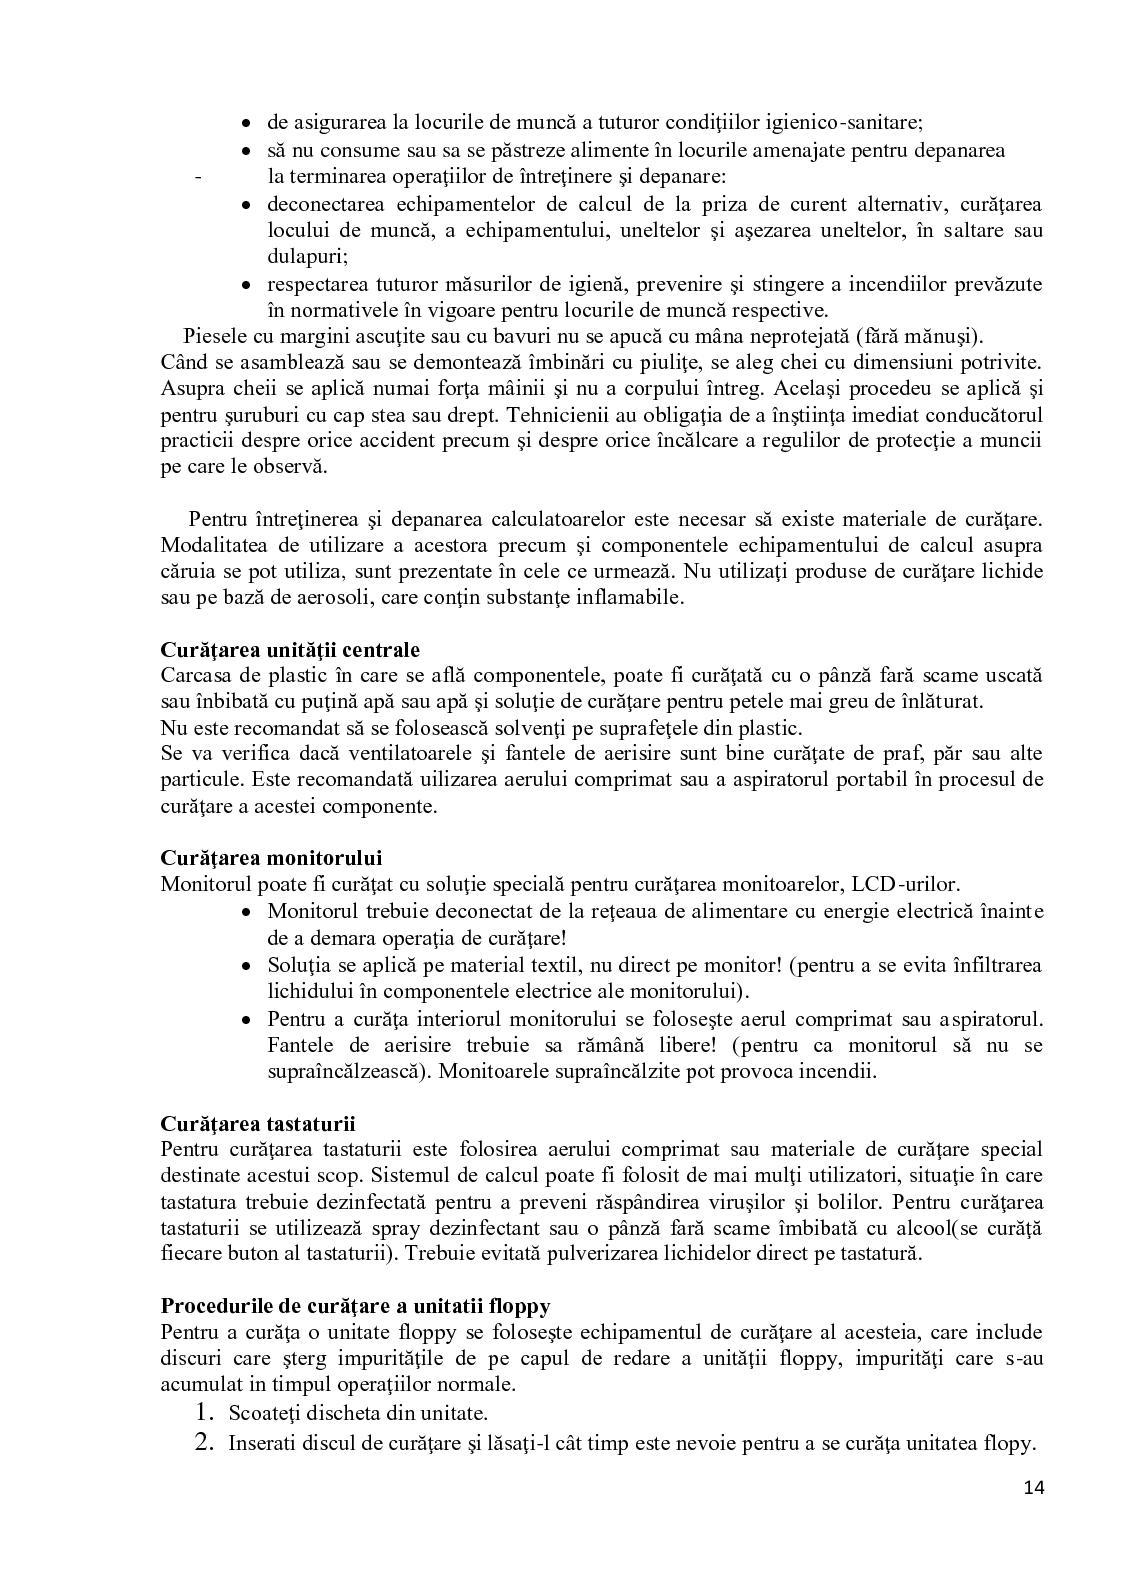 Wormex sirop împotriva paraziților intestinali, ml | topvacanta.ro